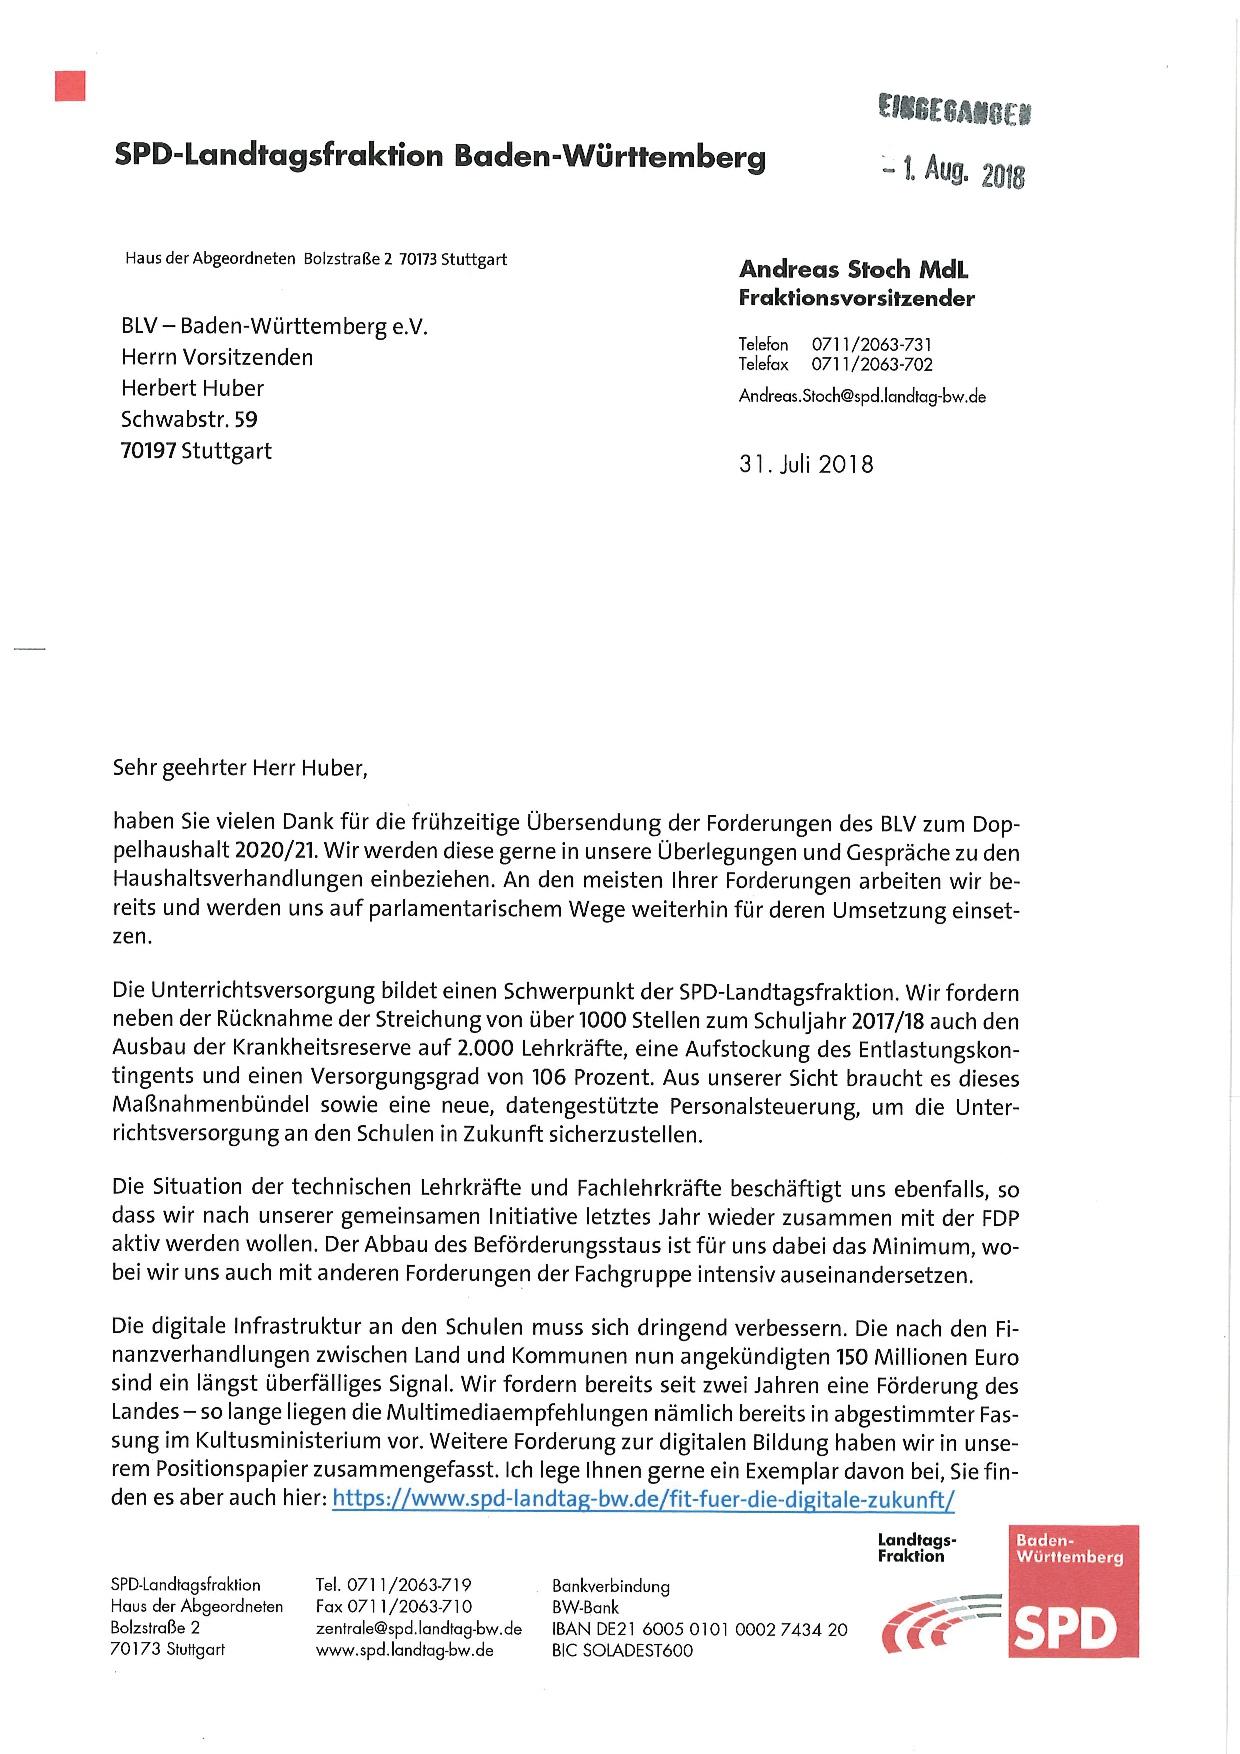 BLV-Forderungen zum Doppelhaushalt 2020/21 ... on